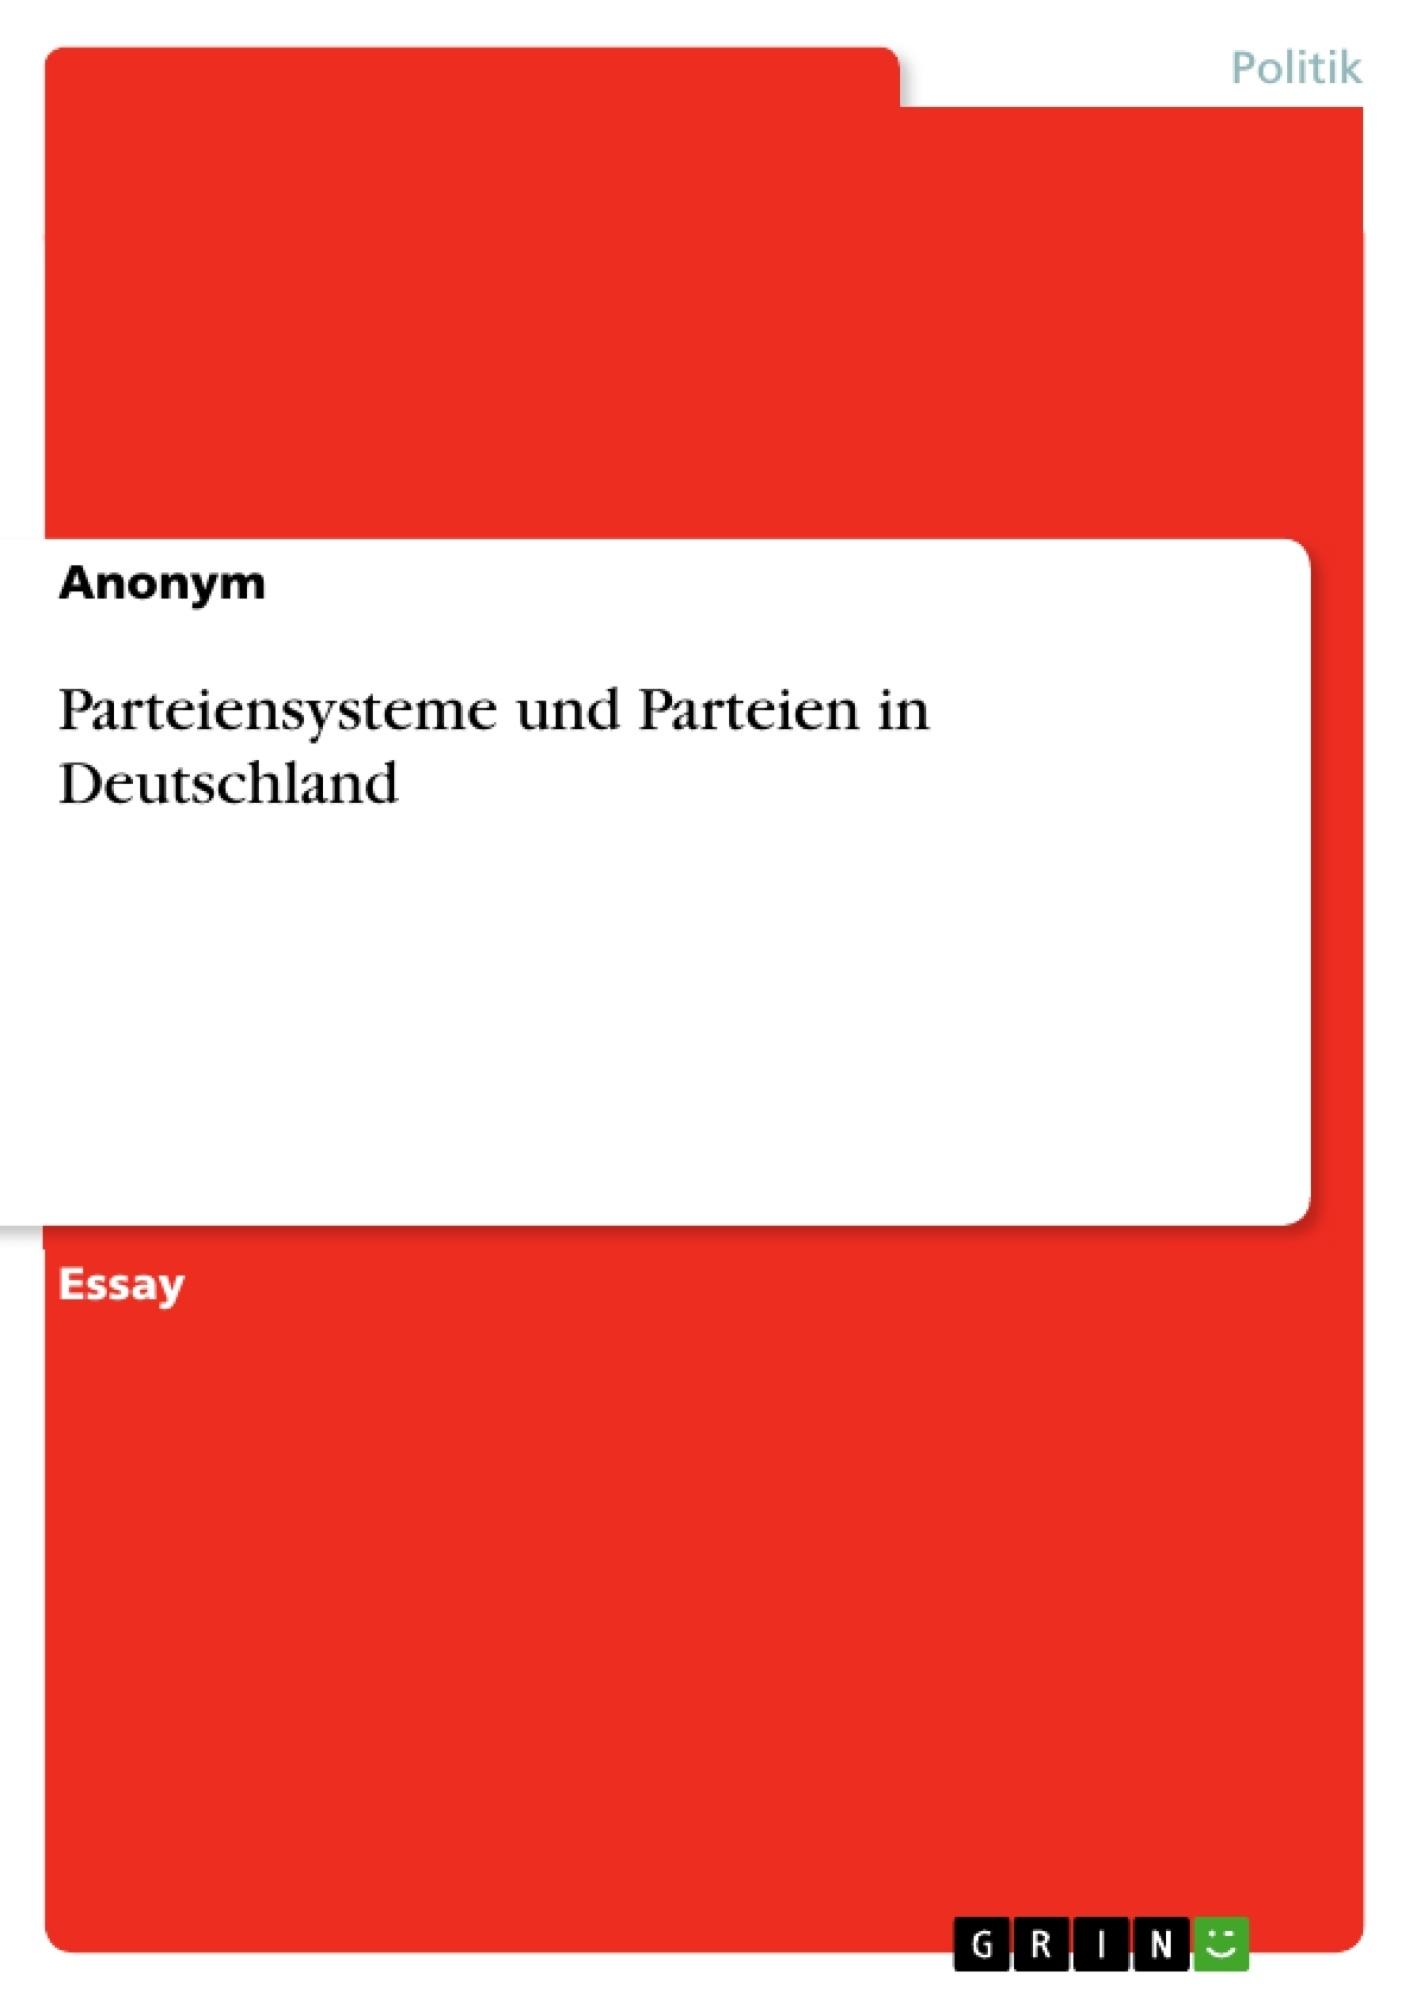 Titel: Parteiensysteme und Parteien in Deutschland